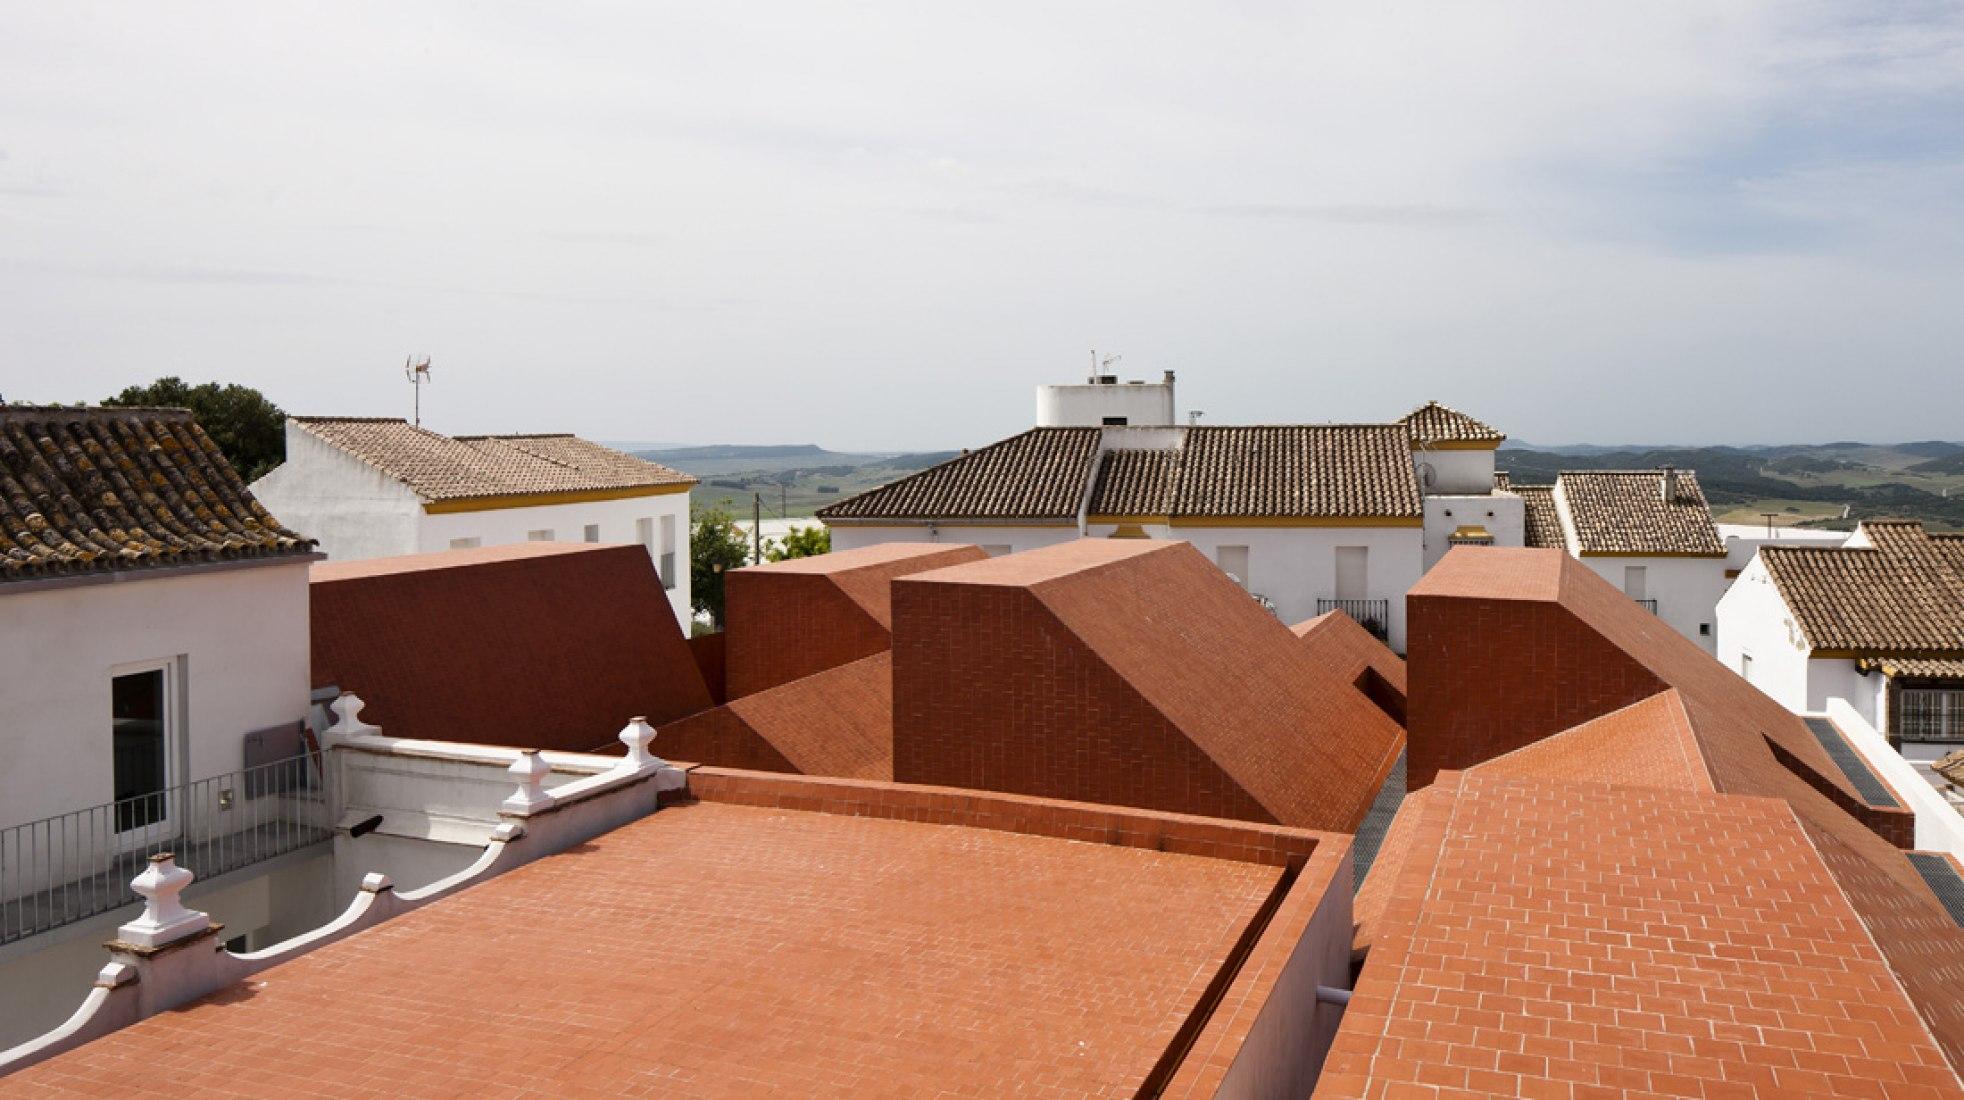 """Architecture prize. """"Escuela de Hostelería en Matadero"""" (Medina Sidonia, Cádiz) by Sol 89 - María González García and Juanjo López de la Cruz. Photography © Fernando Alda."""